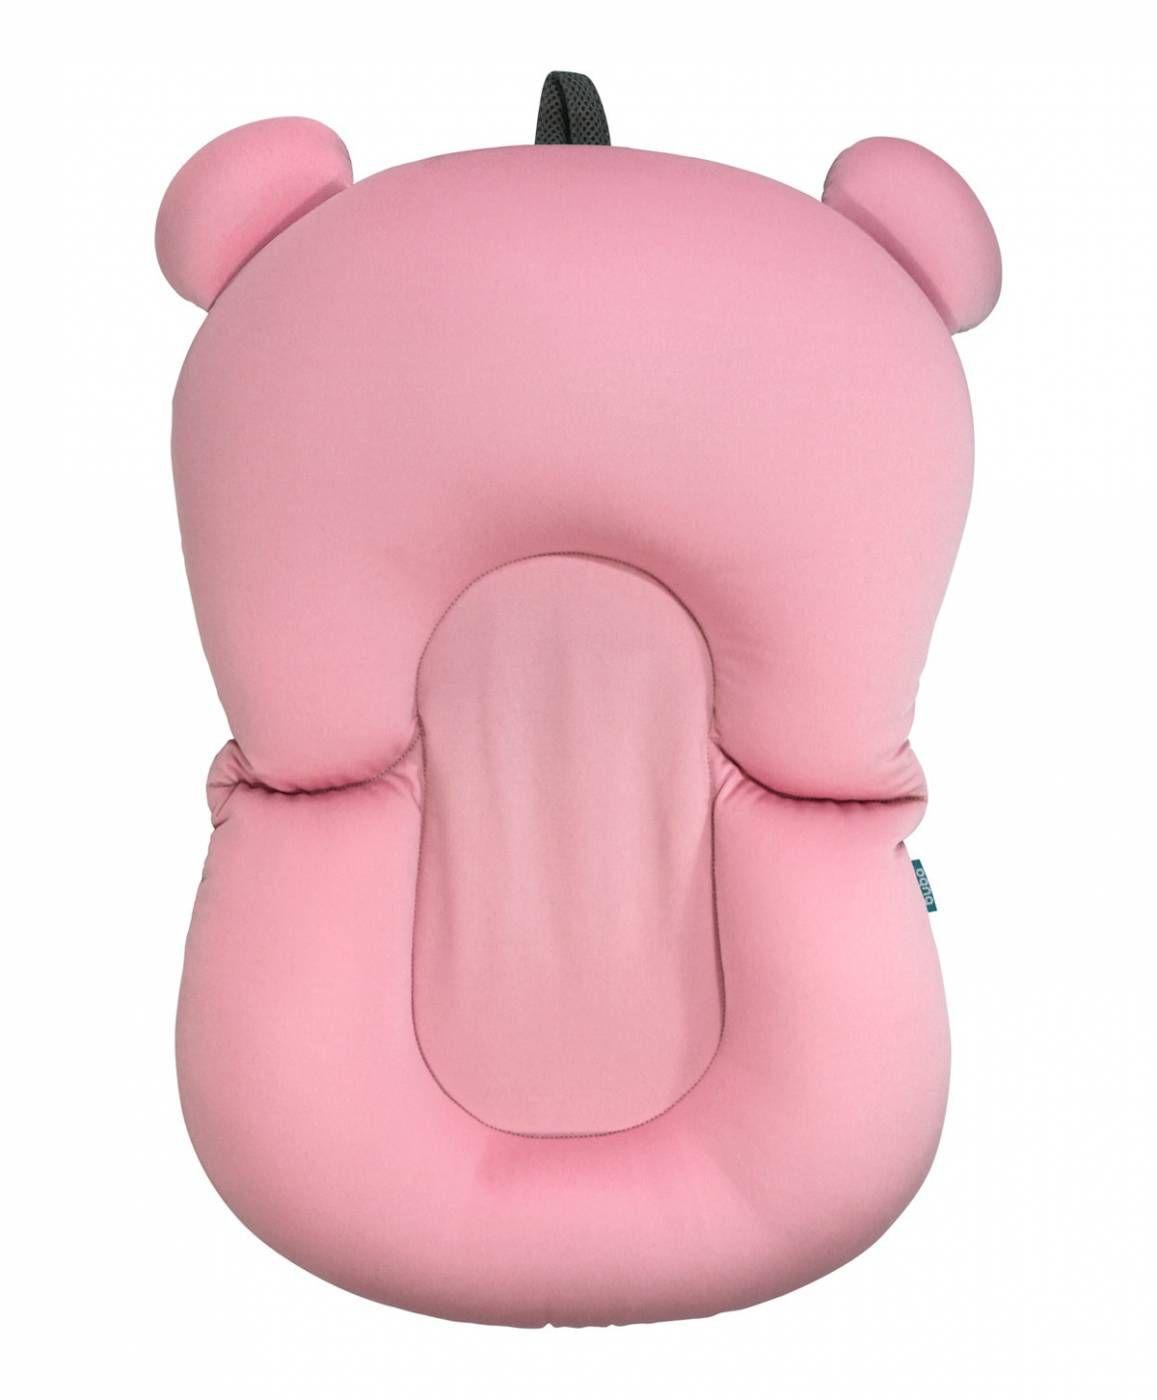 Almofada de banho rosa  - Buba Baby